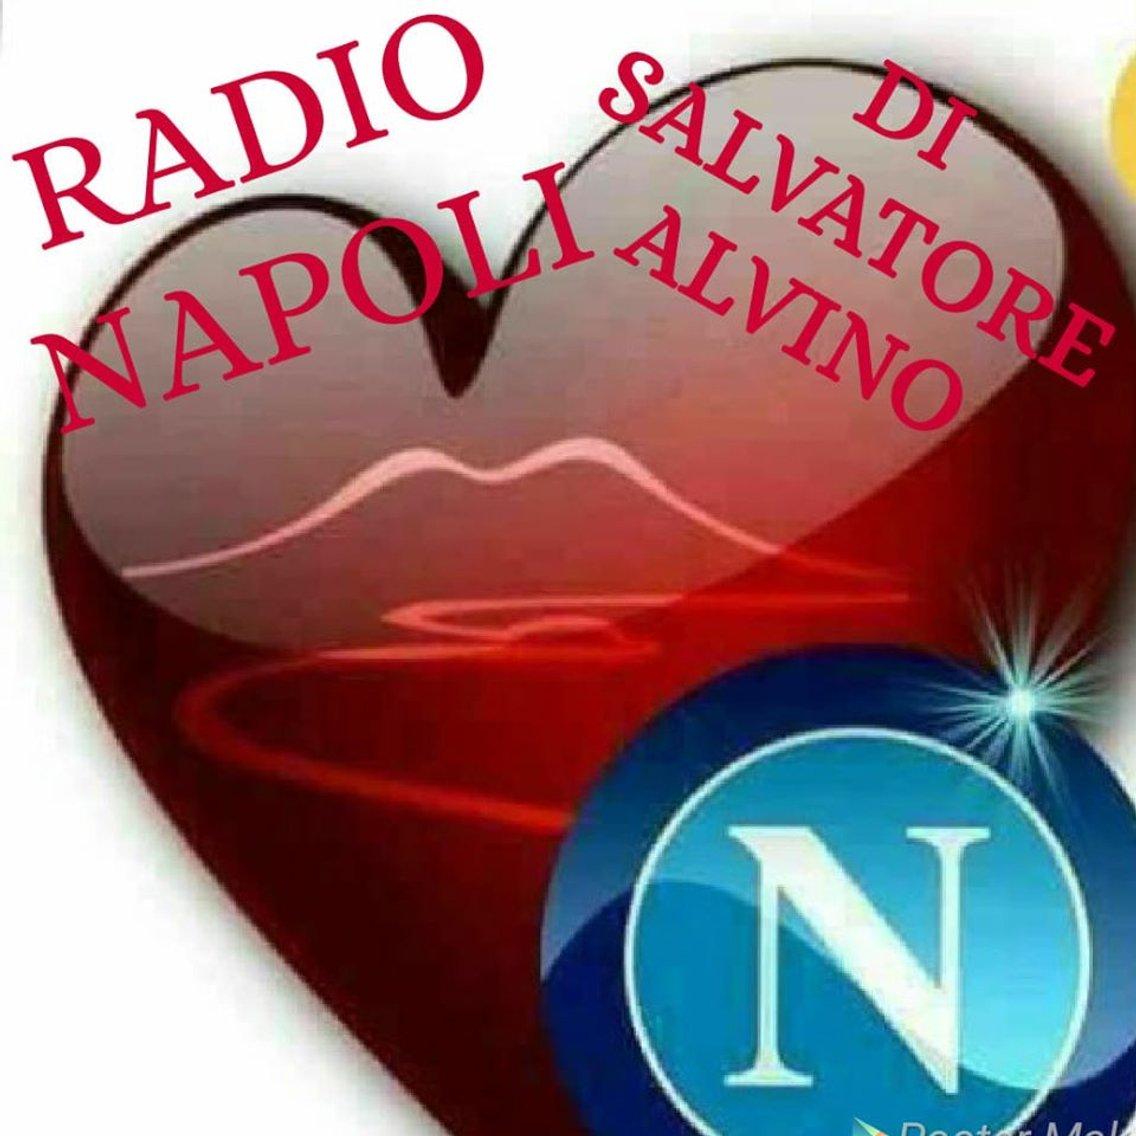 RADIO NAPOLI CENTRALE - Cover Image